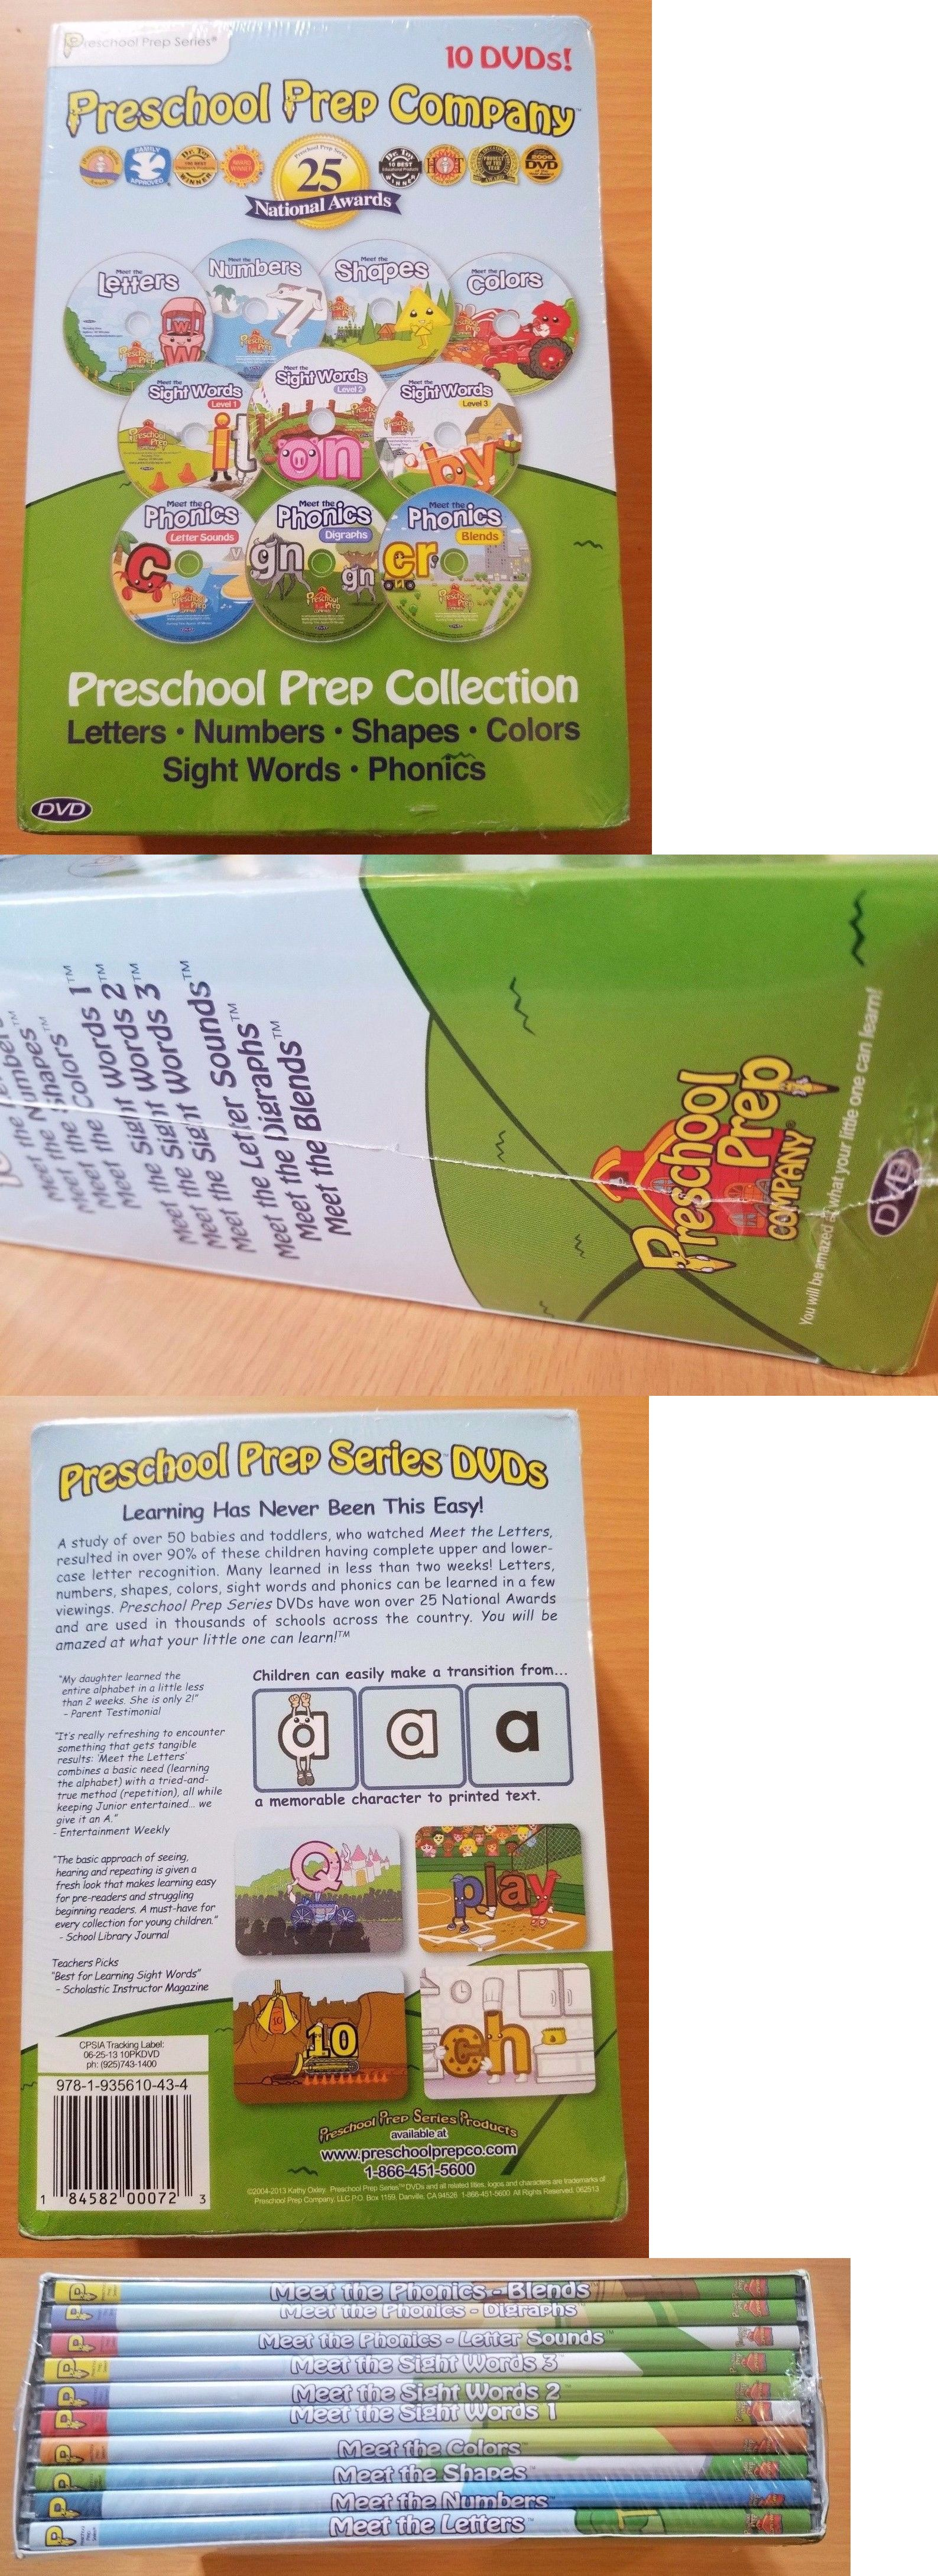 Preschool and Kindergarten 145938: Preschool Prep Collection 10 Dvds ...